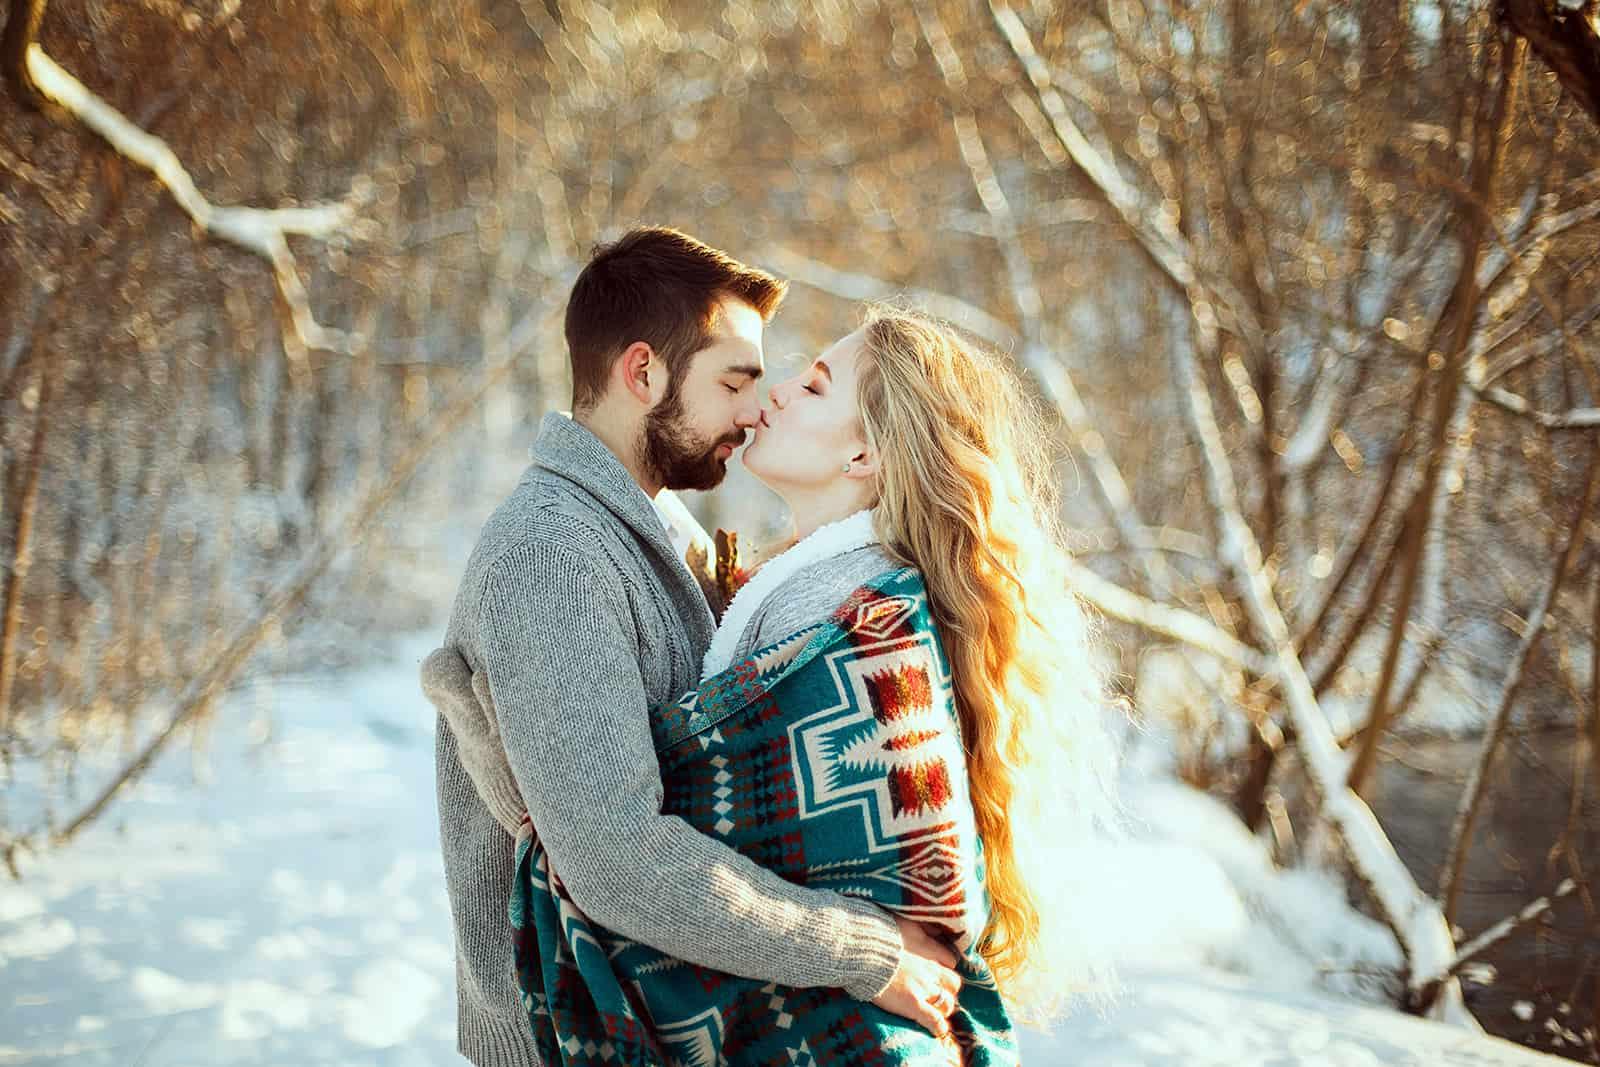 Die Drei Magischen Worte: Wie Sage Ich Ihm, Dass Ich Ihn Liebe?